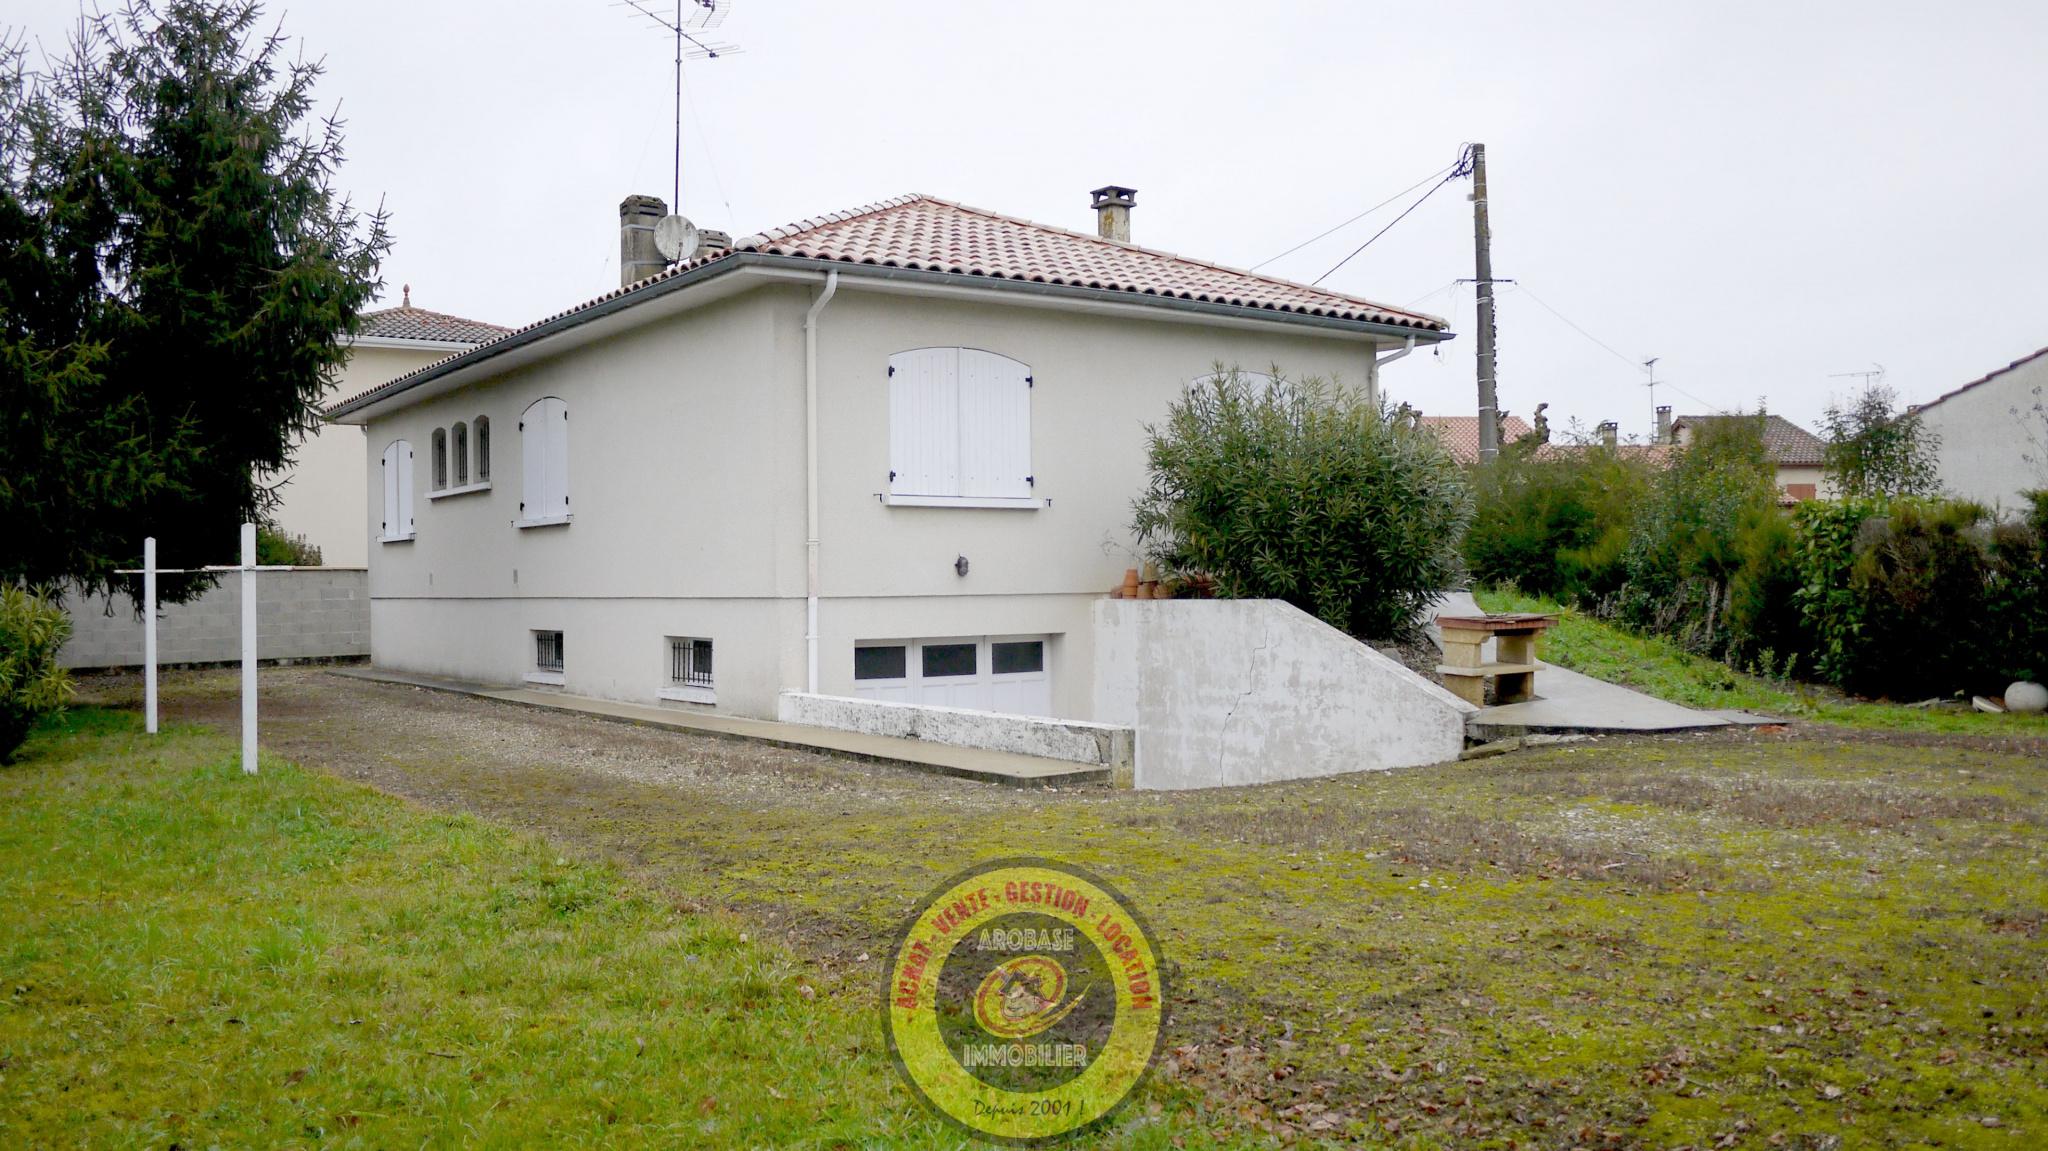 vente maison de plain pied sur sous-sol semi enterré  Arobase